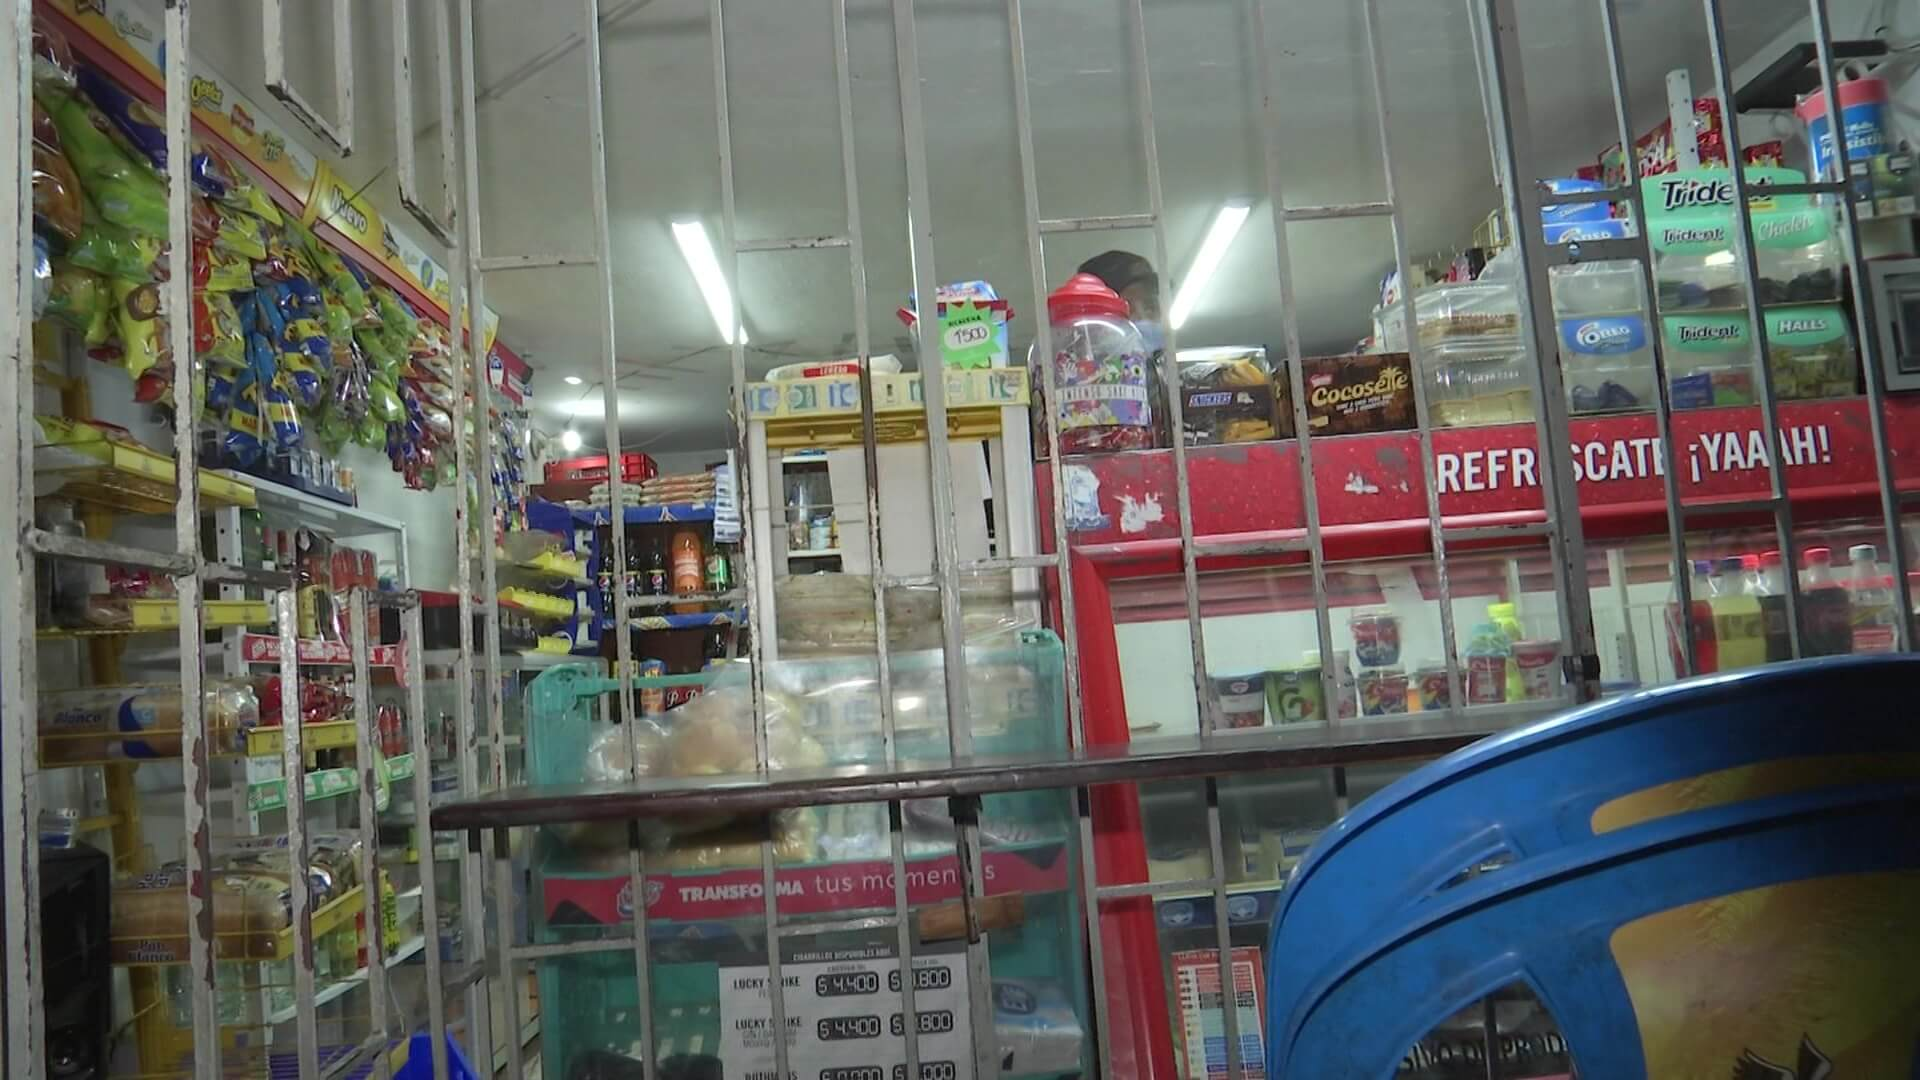 La mayoría de las tiendas pertenecen a estratos 1, 2 y 3